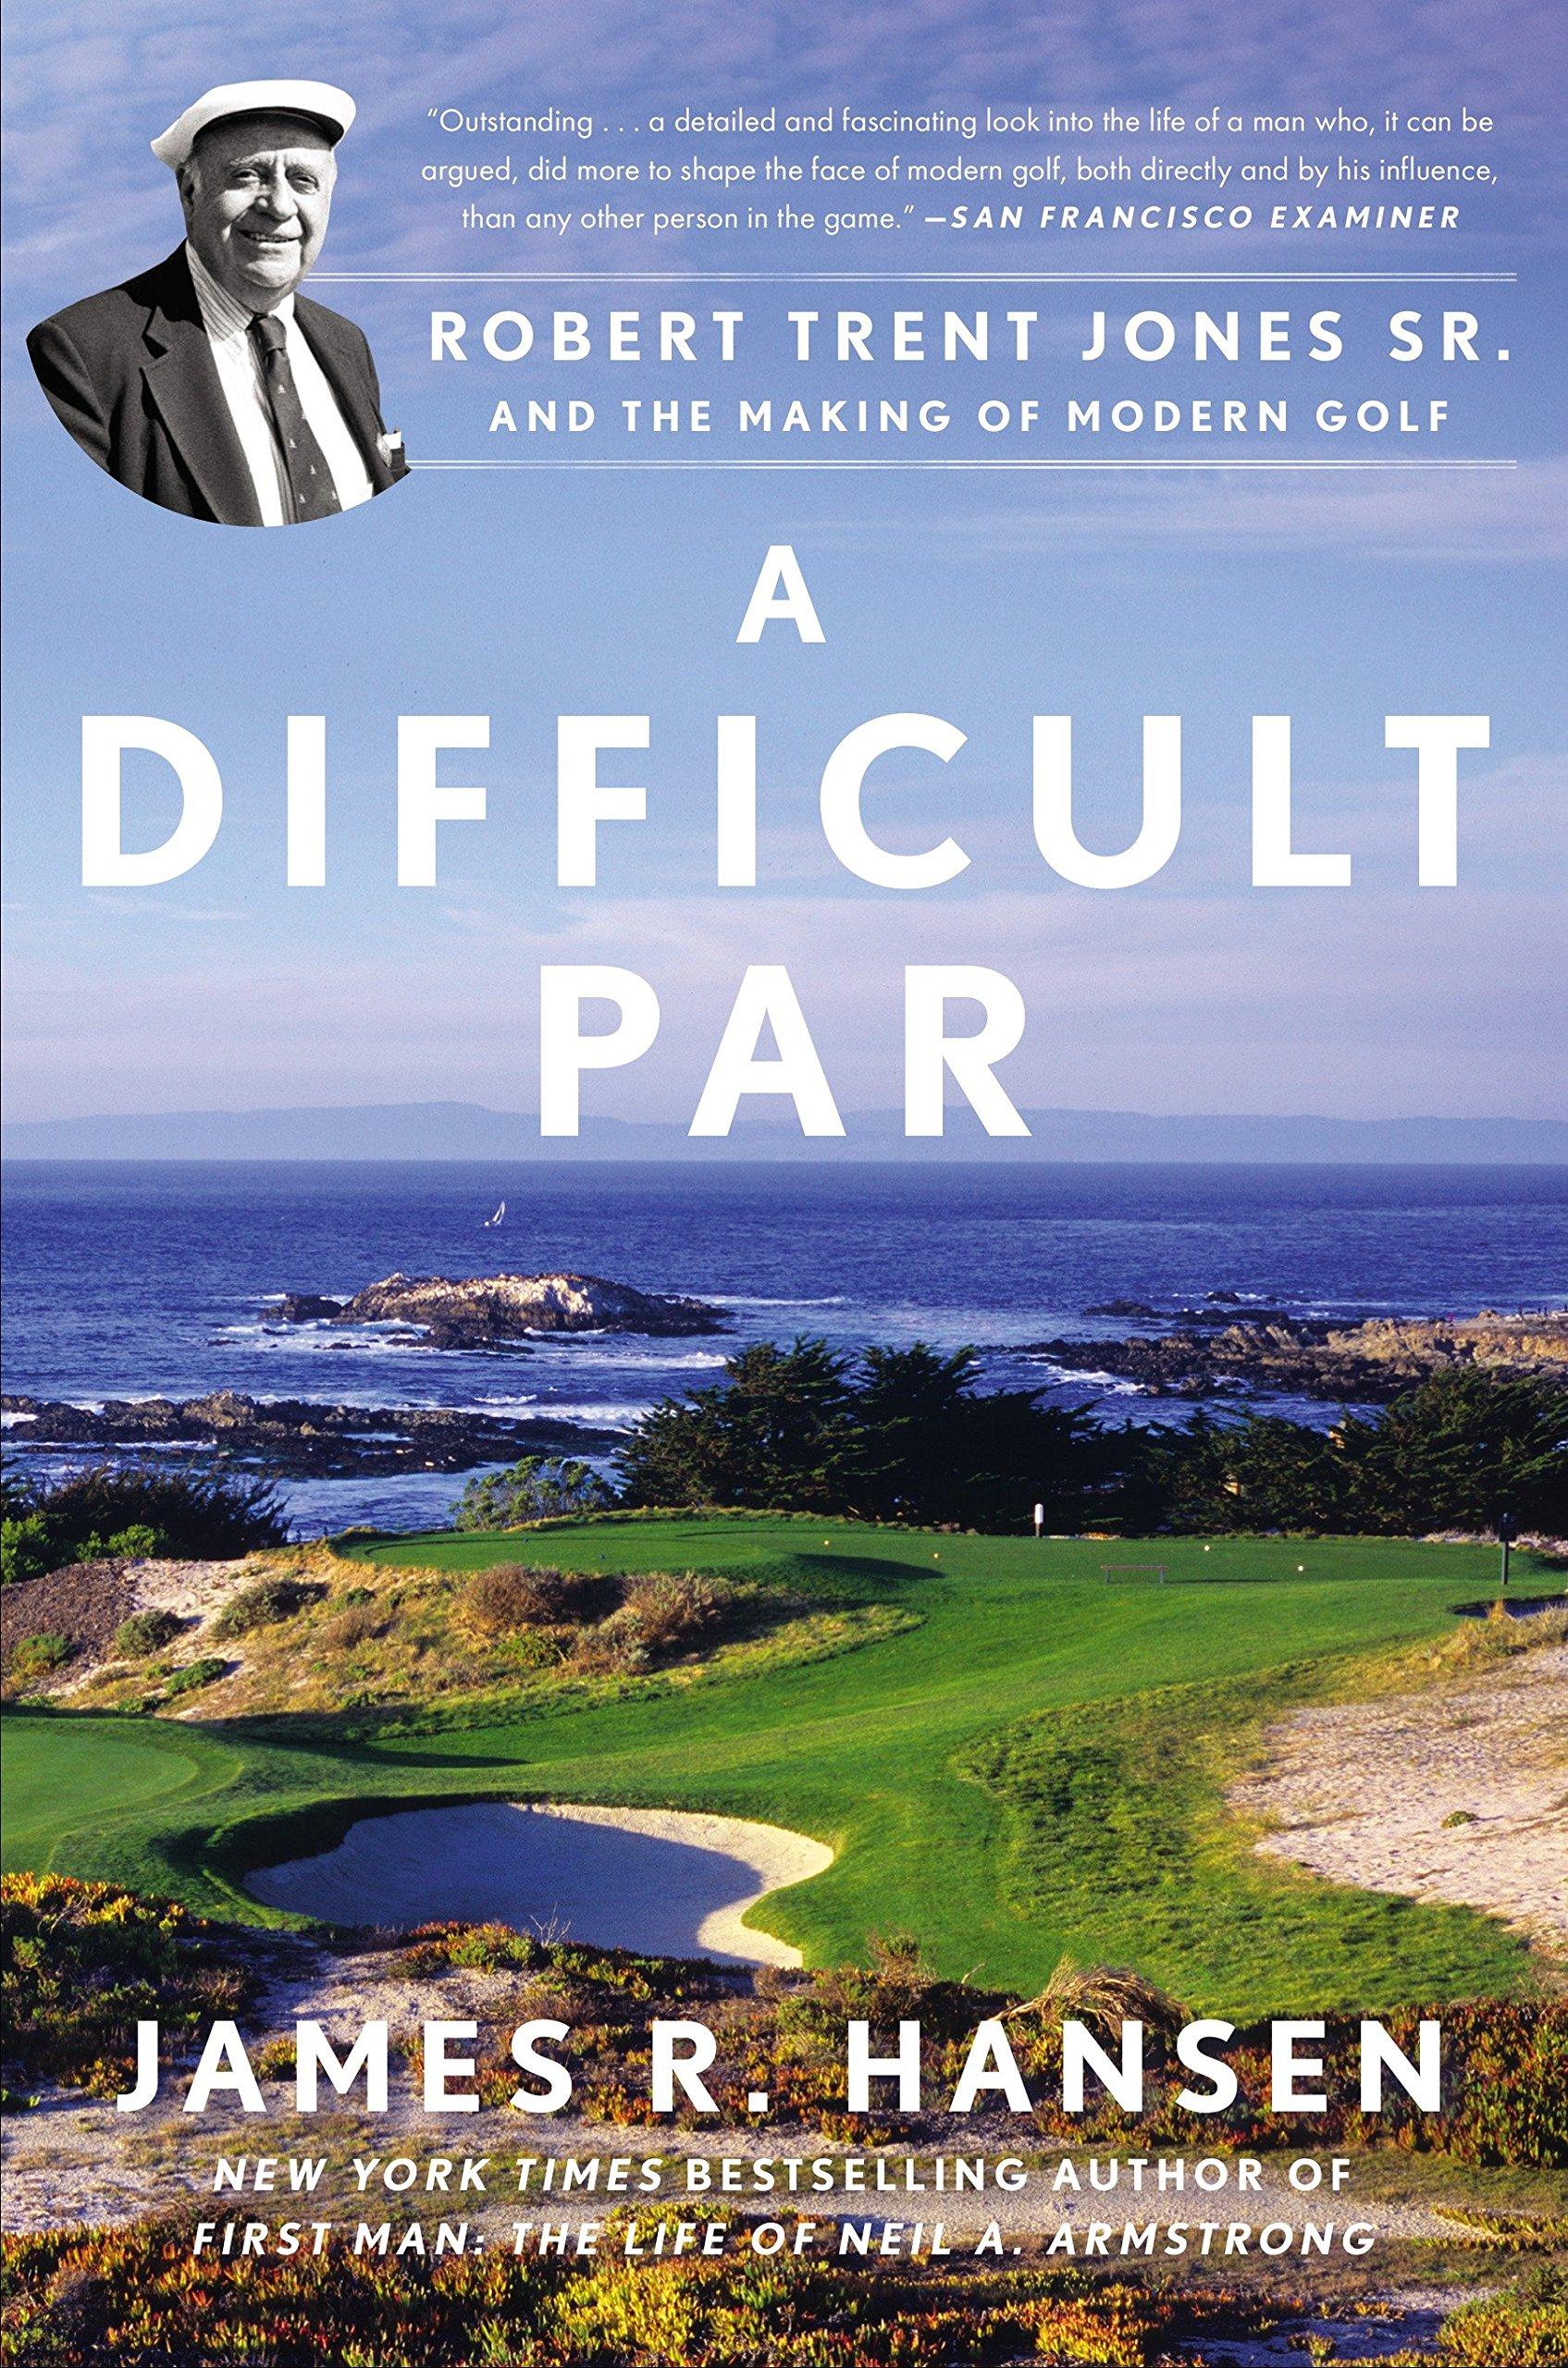 A Difficult Par: Robert Trent Jones Sr. and the Making of Modern Golf ebook